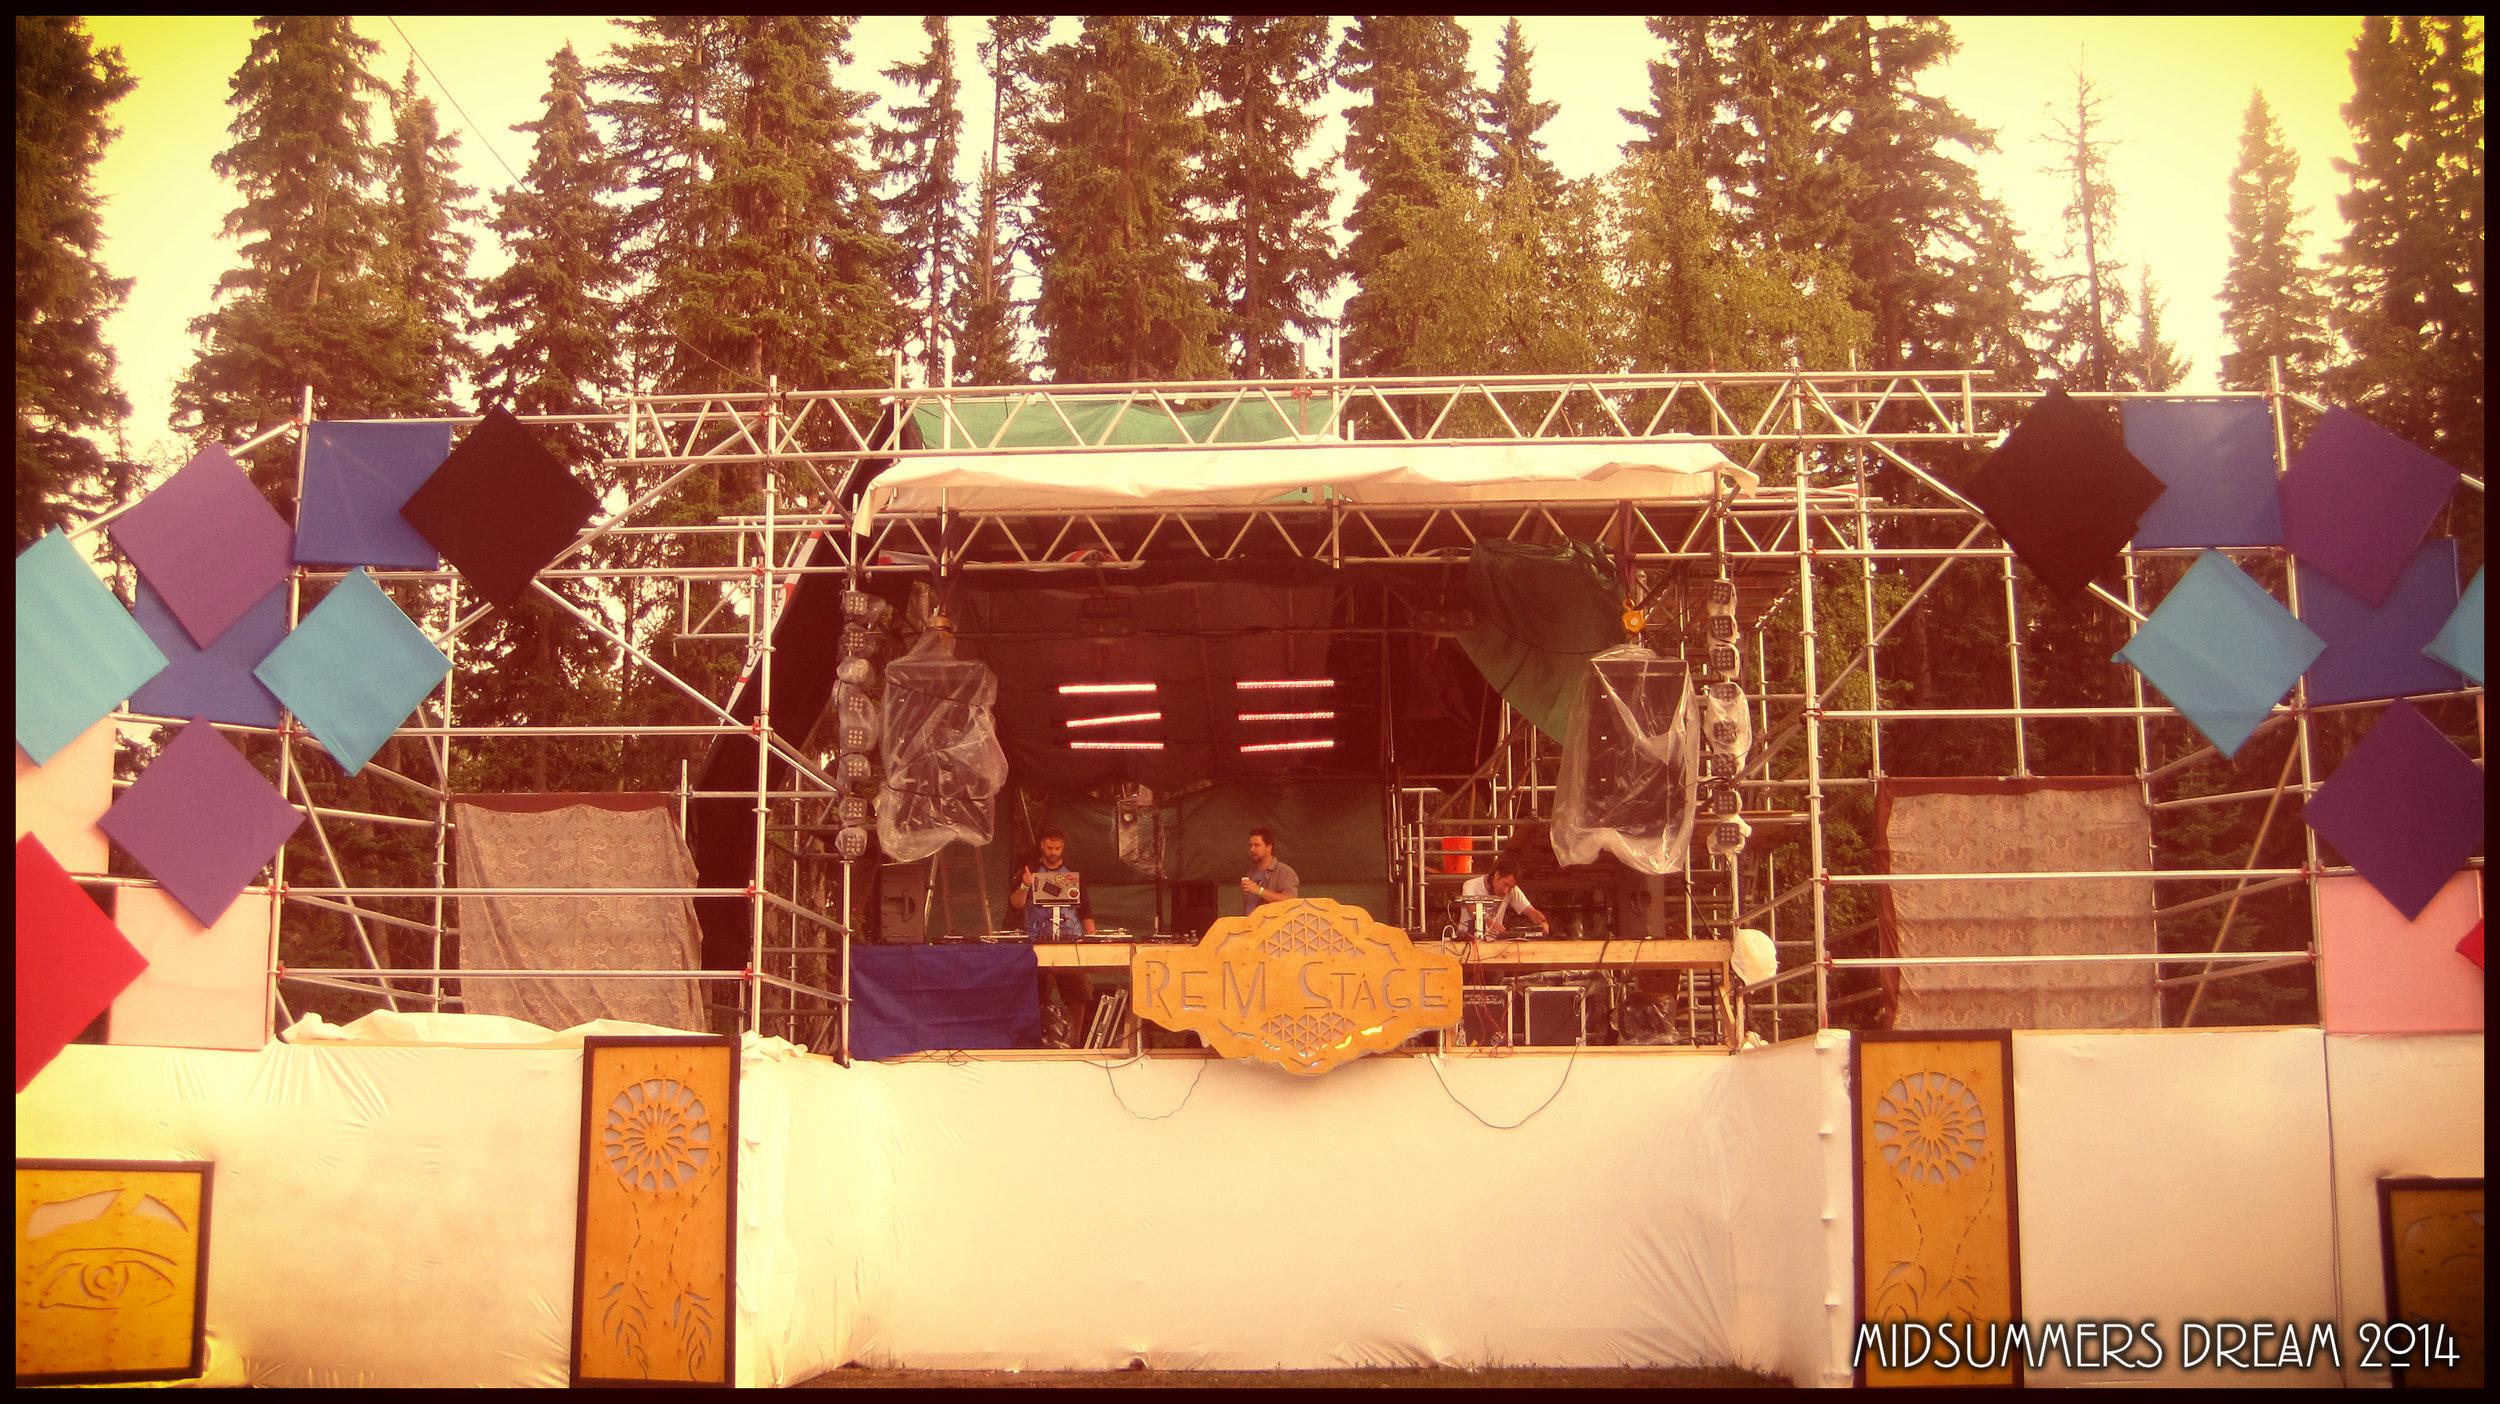 REM Stage